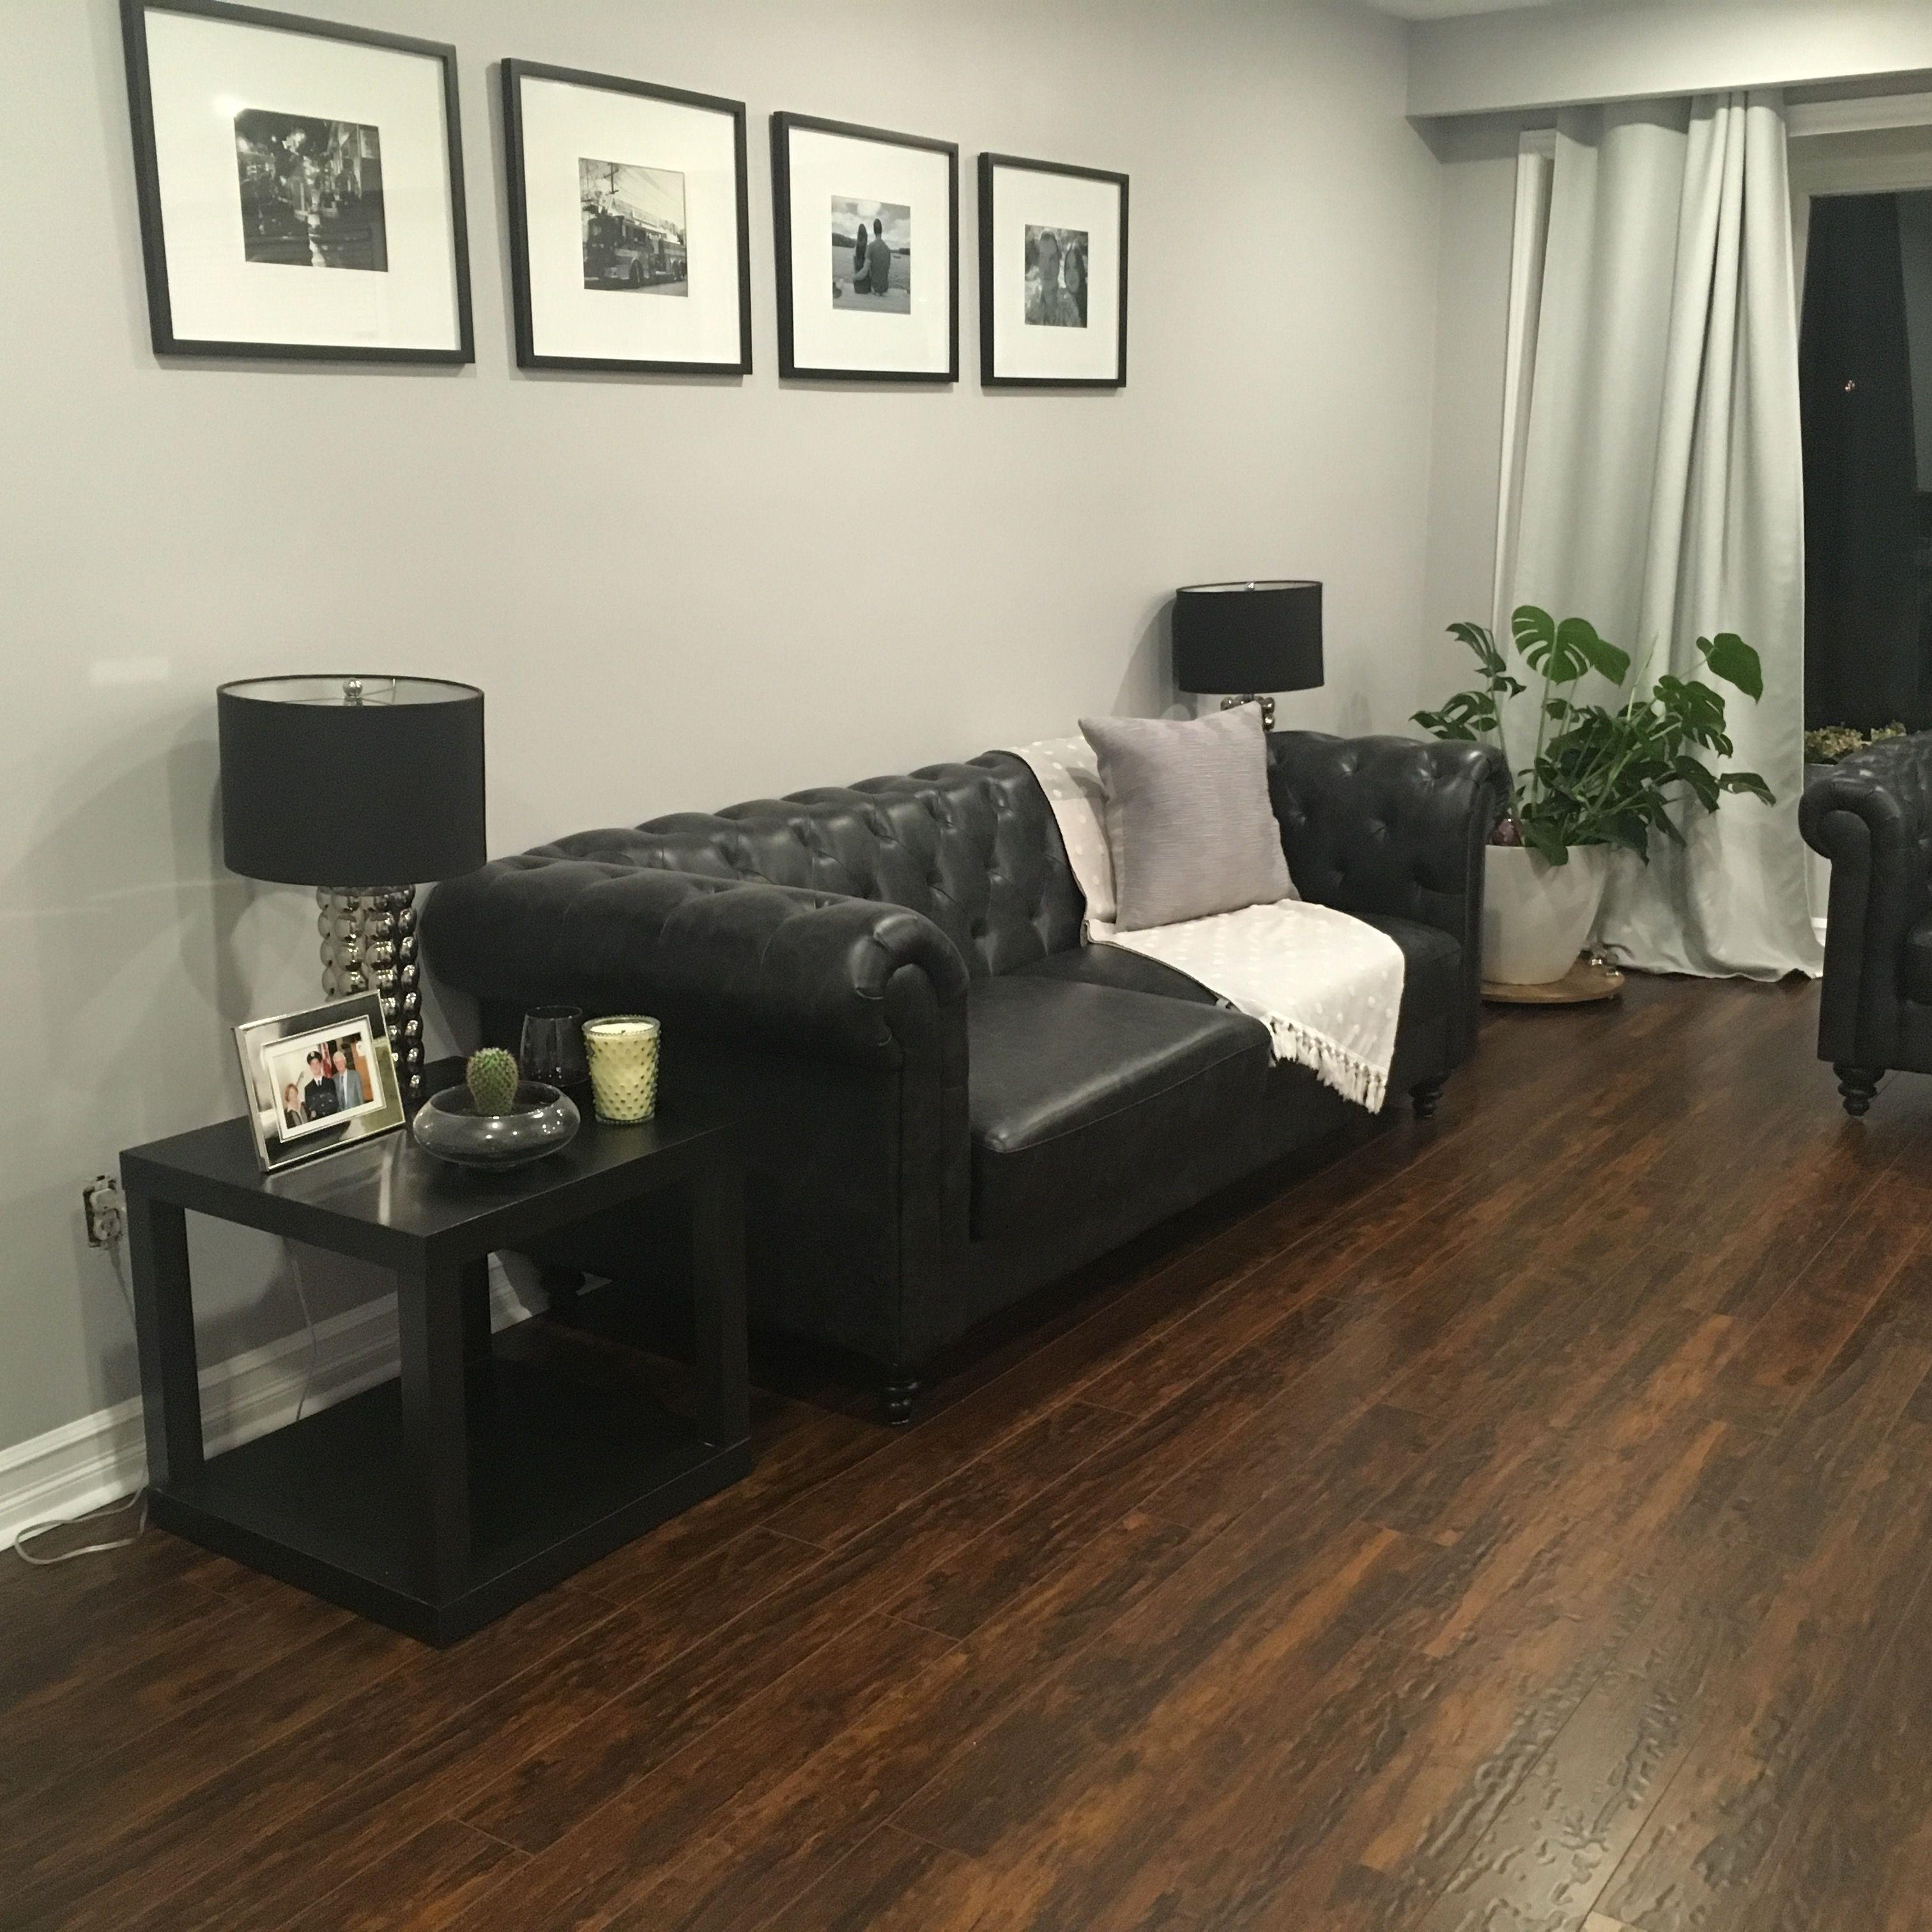 Black leather sofa and dark hardwood floor living room